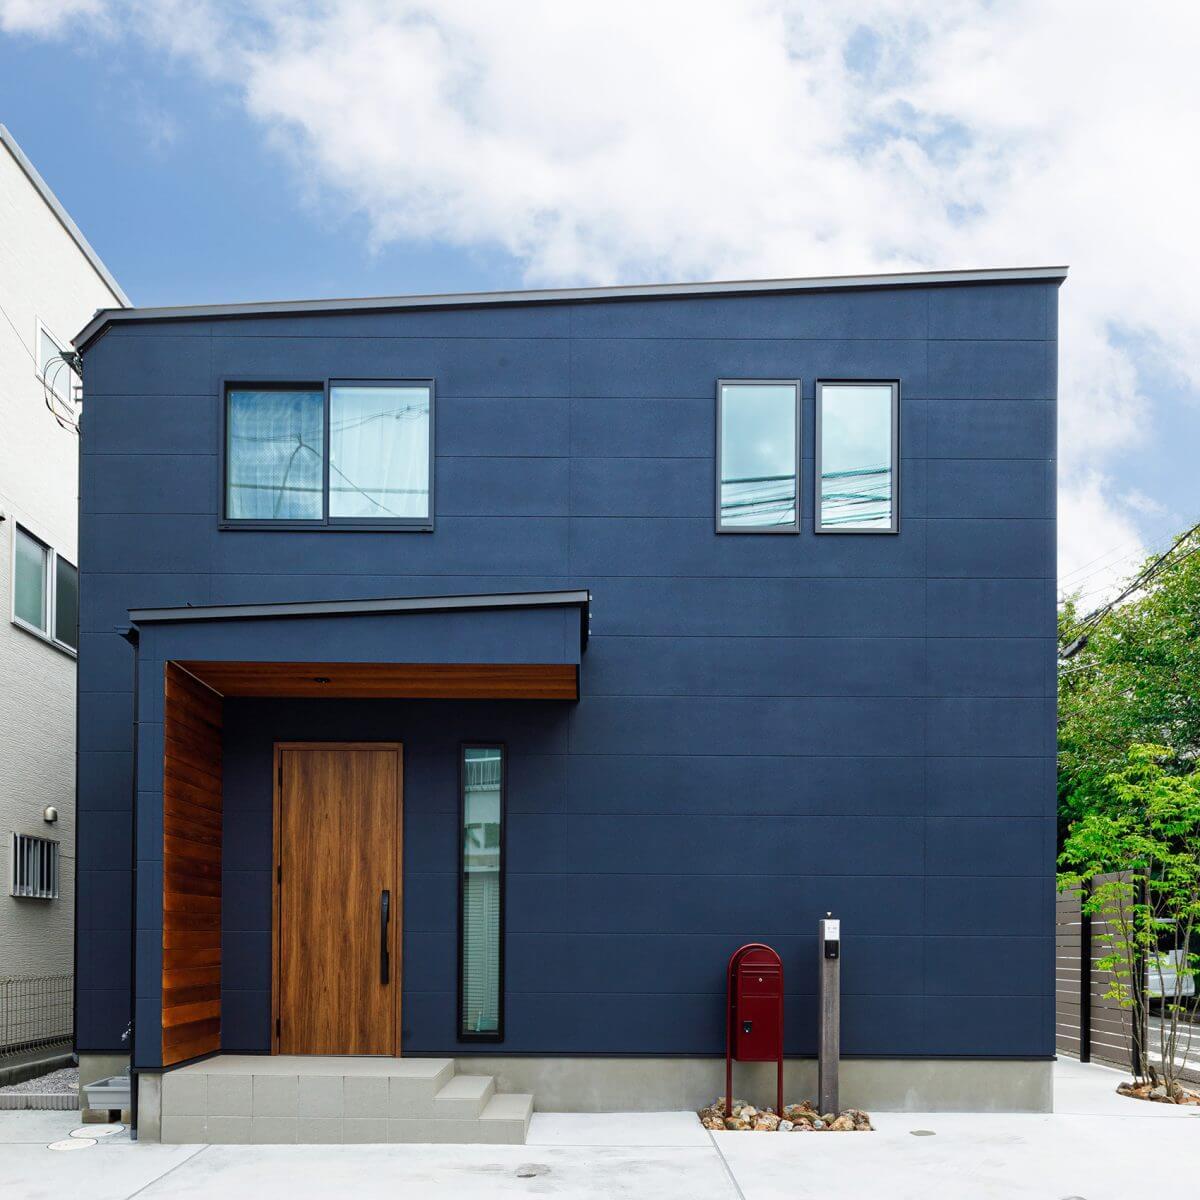 正面(ファサード)は明かり取りの縦スリット窓以外、目線の高さには窓を設けず、スッキリとしたデザインに。その分、玄関ドア付近に設けた板張りの袖壁と軒天が引き立ちます。